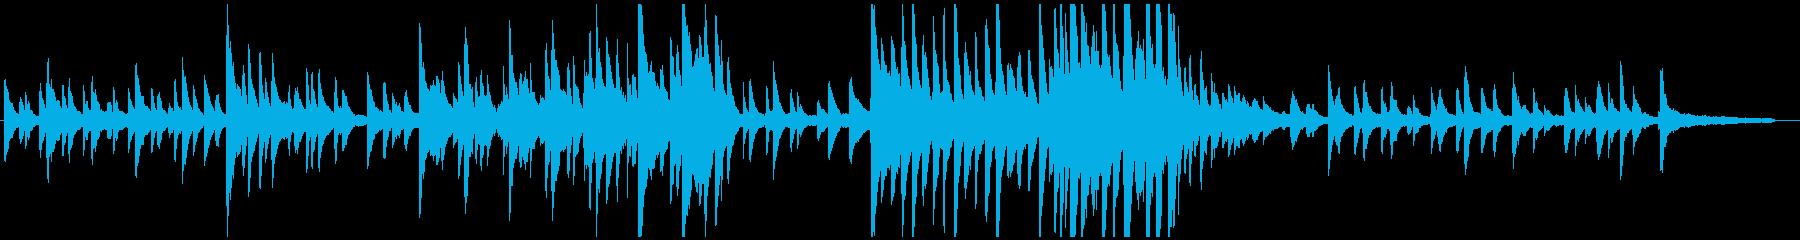 しんみりとしたピアノソロ曲の再生済みの波形